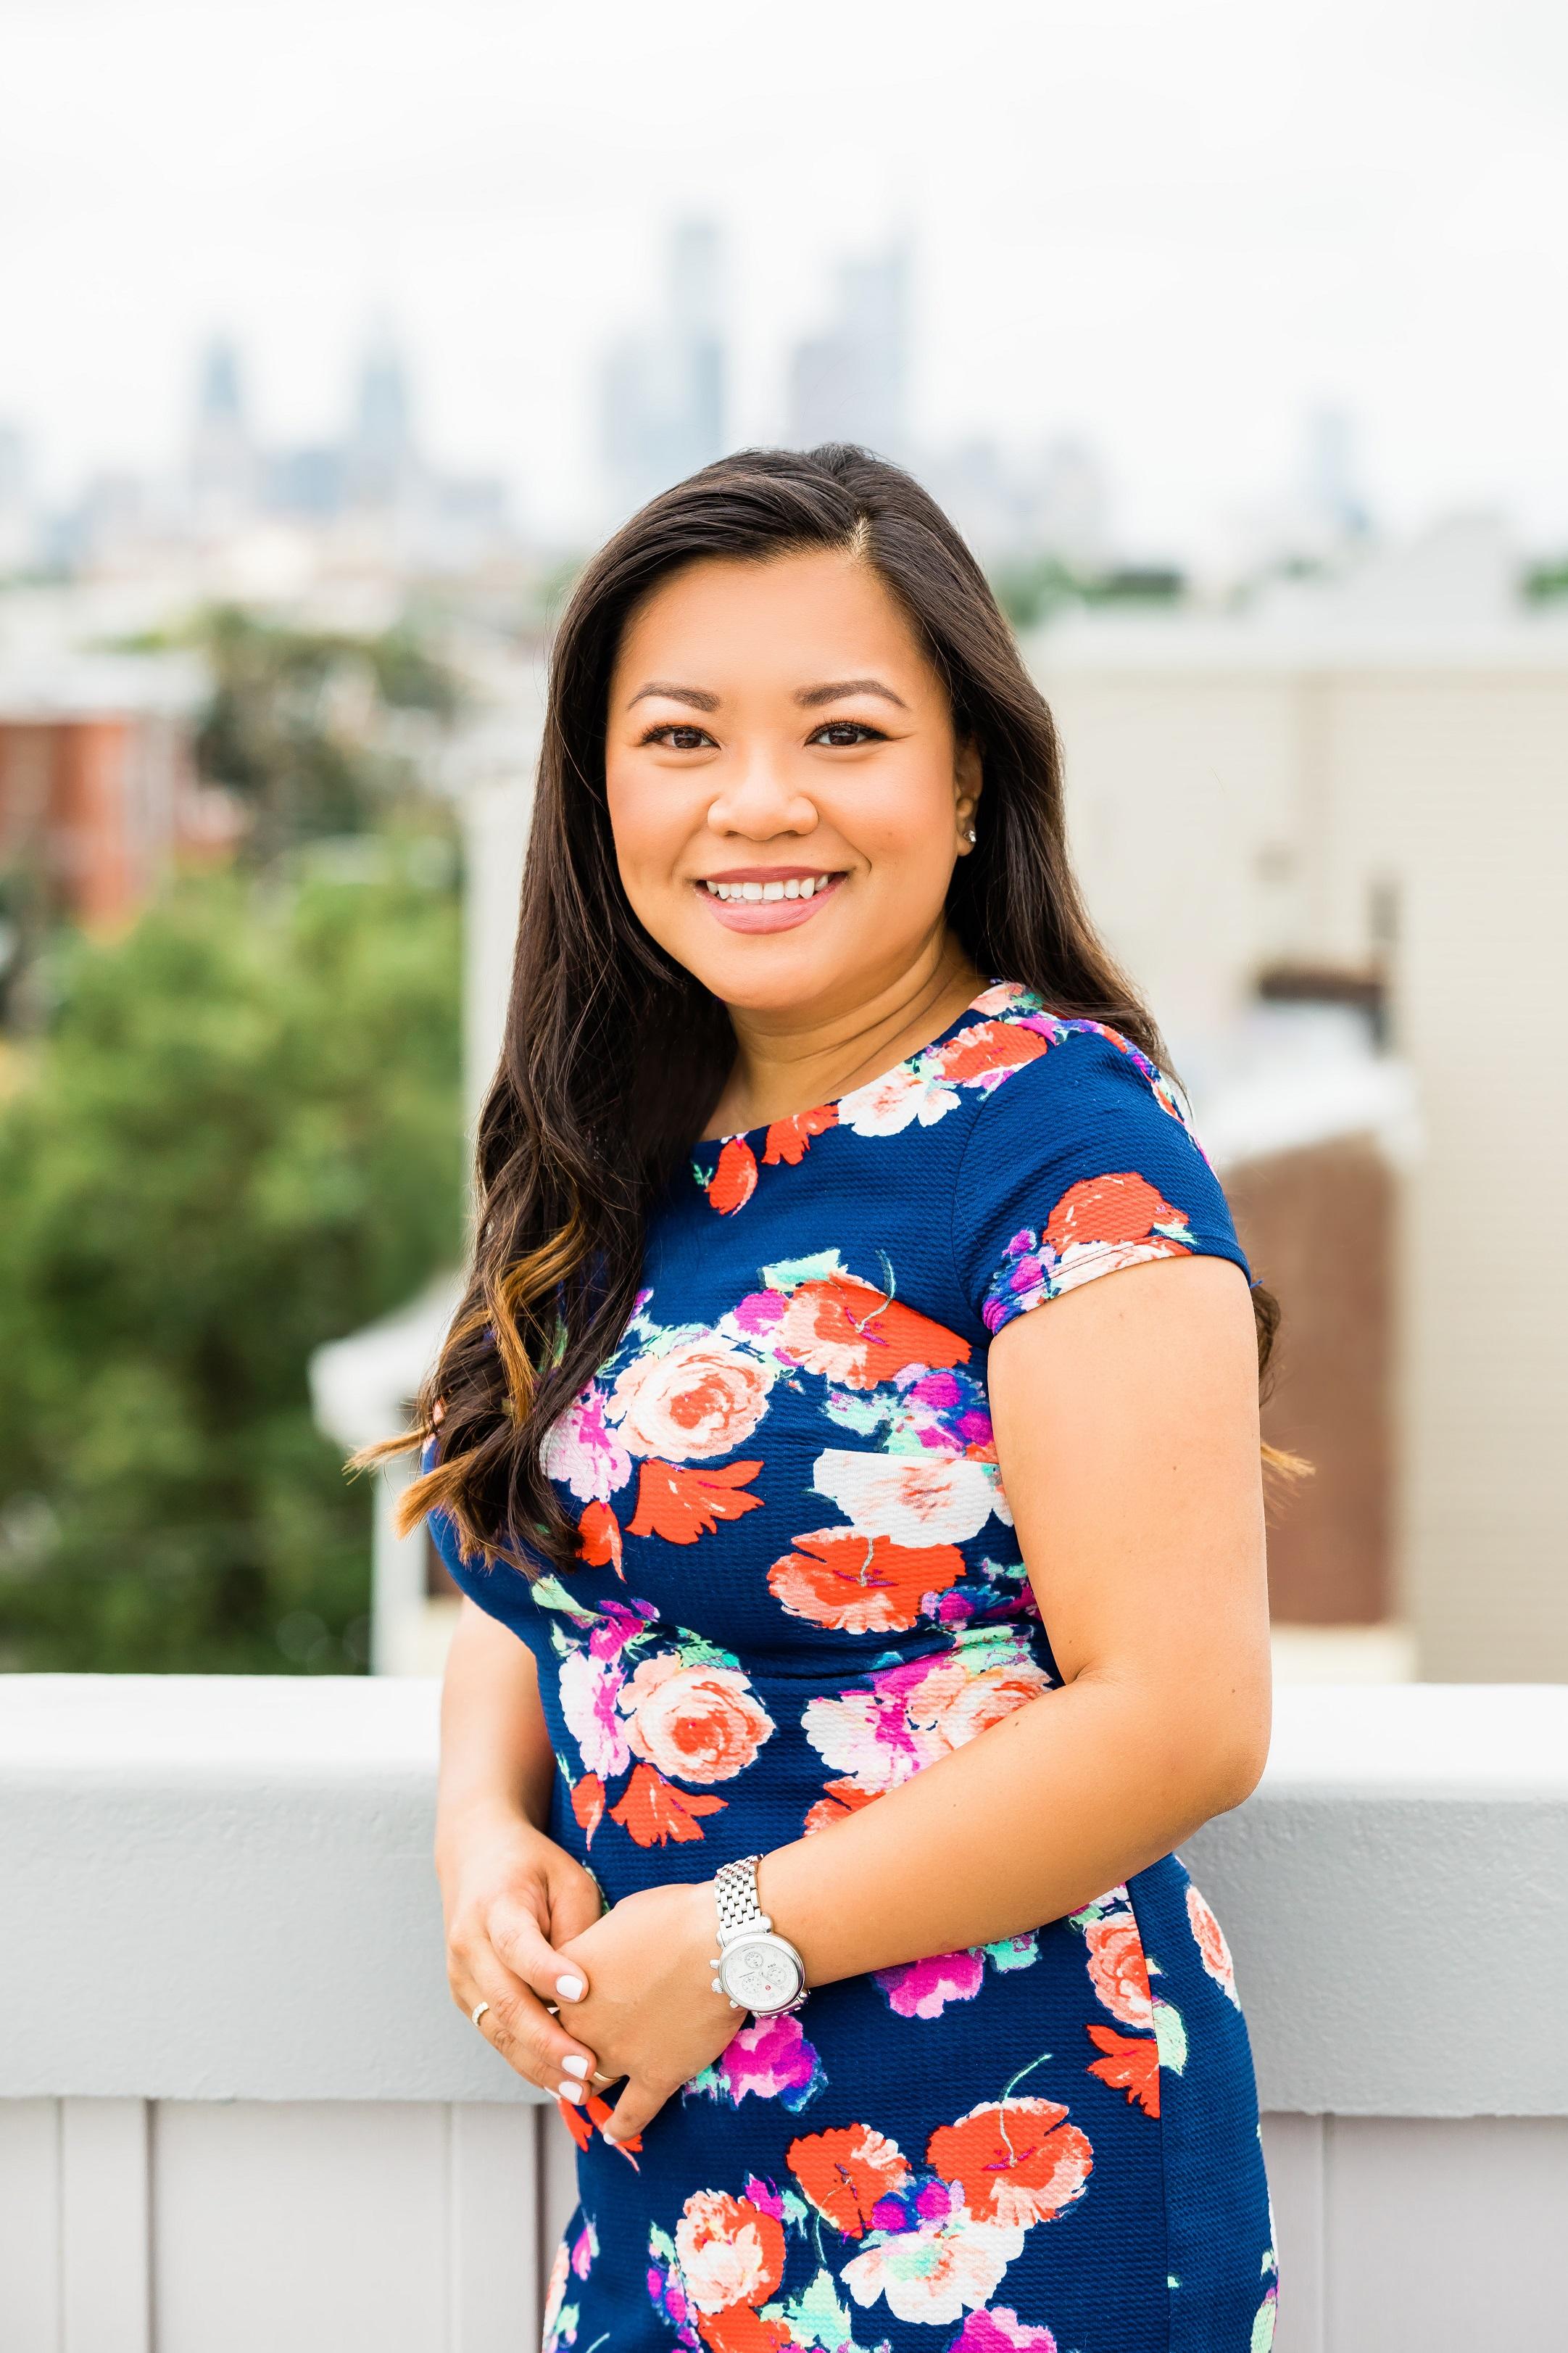 Hoa undefined Nguyen